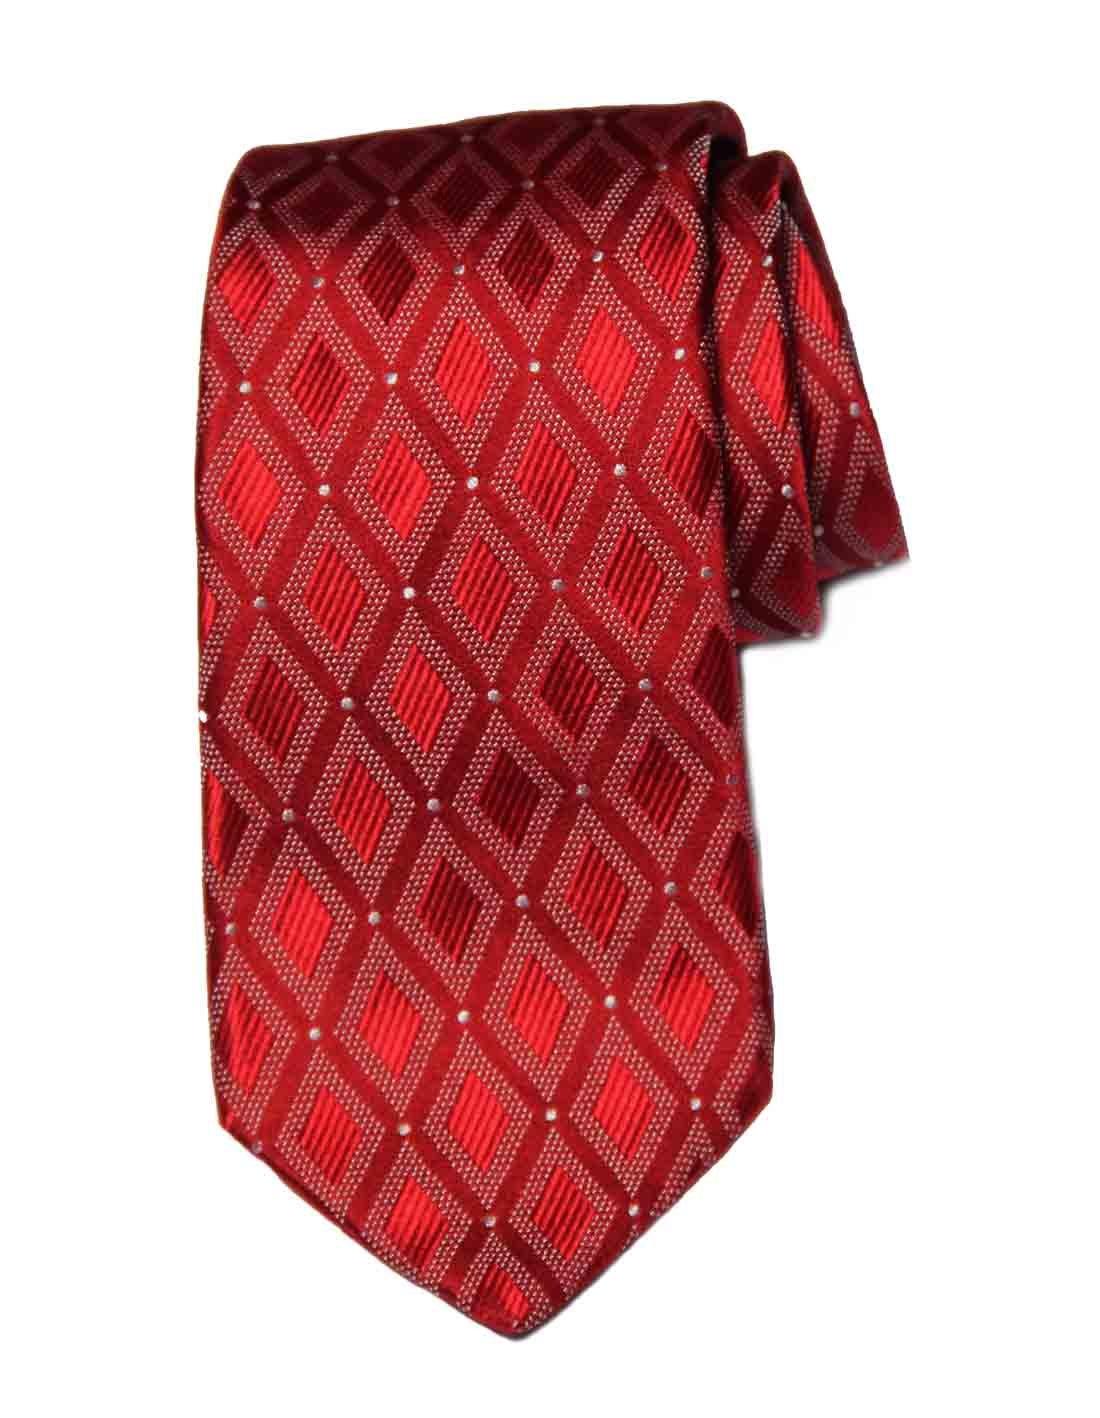 Ike Behar Tie Red White Geometric Pattern Silk Men's Long